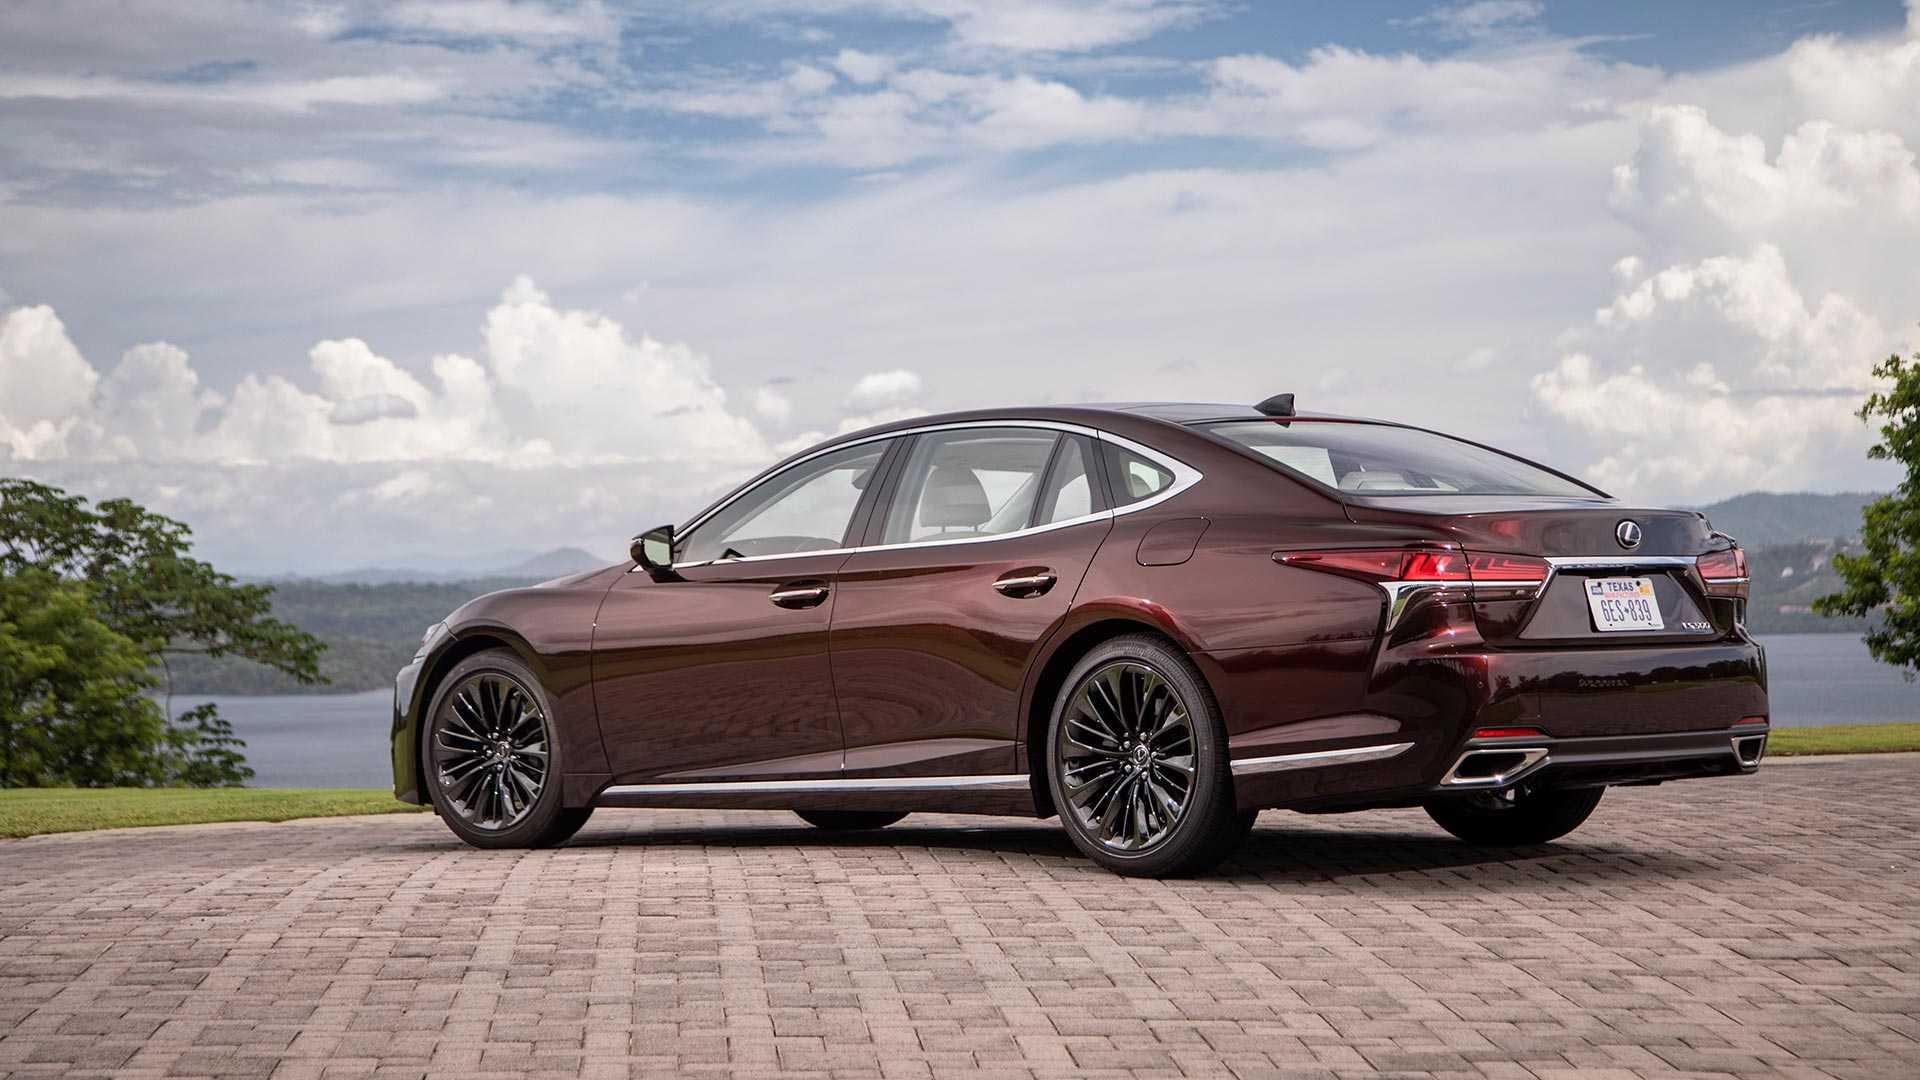 Что известно о обновленном полноразмерном седане Lexus LS?